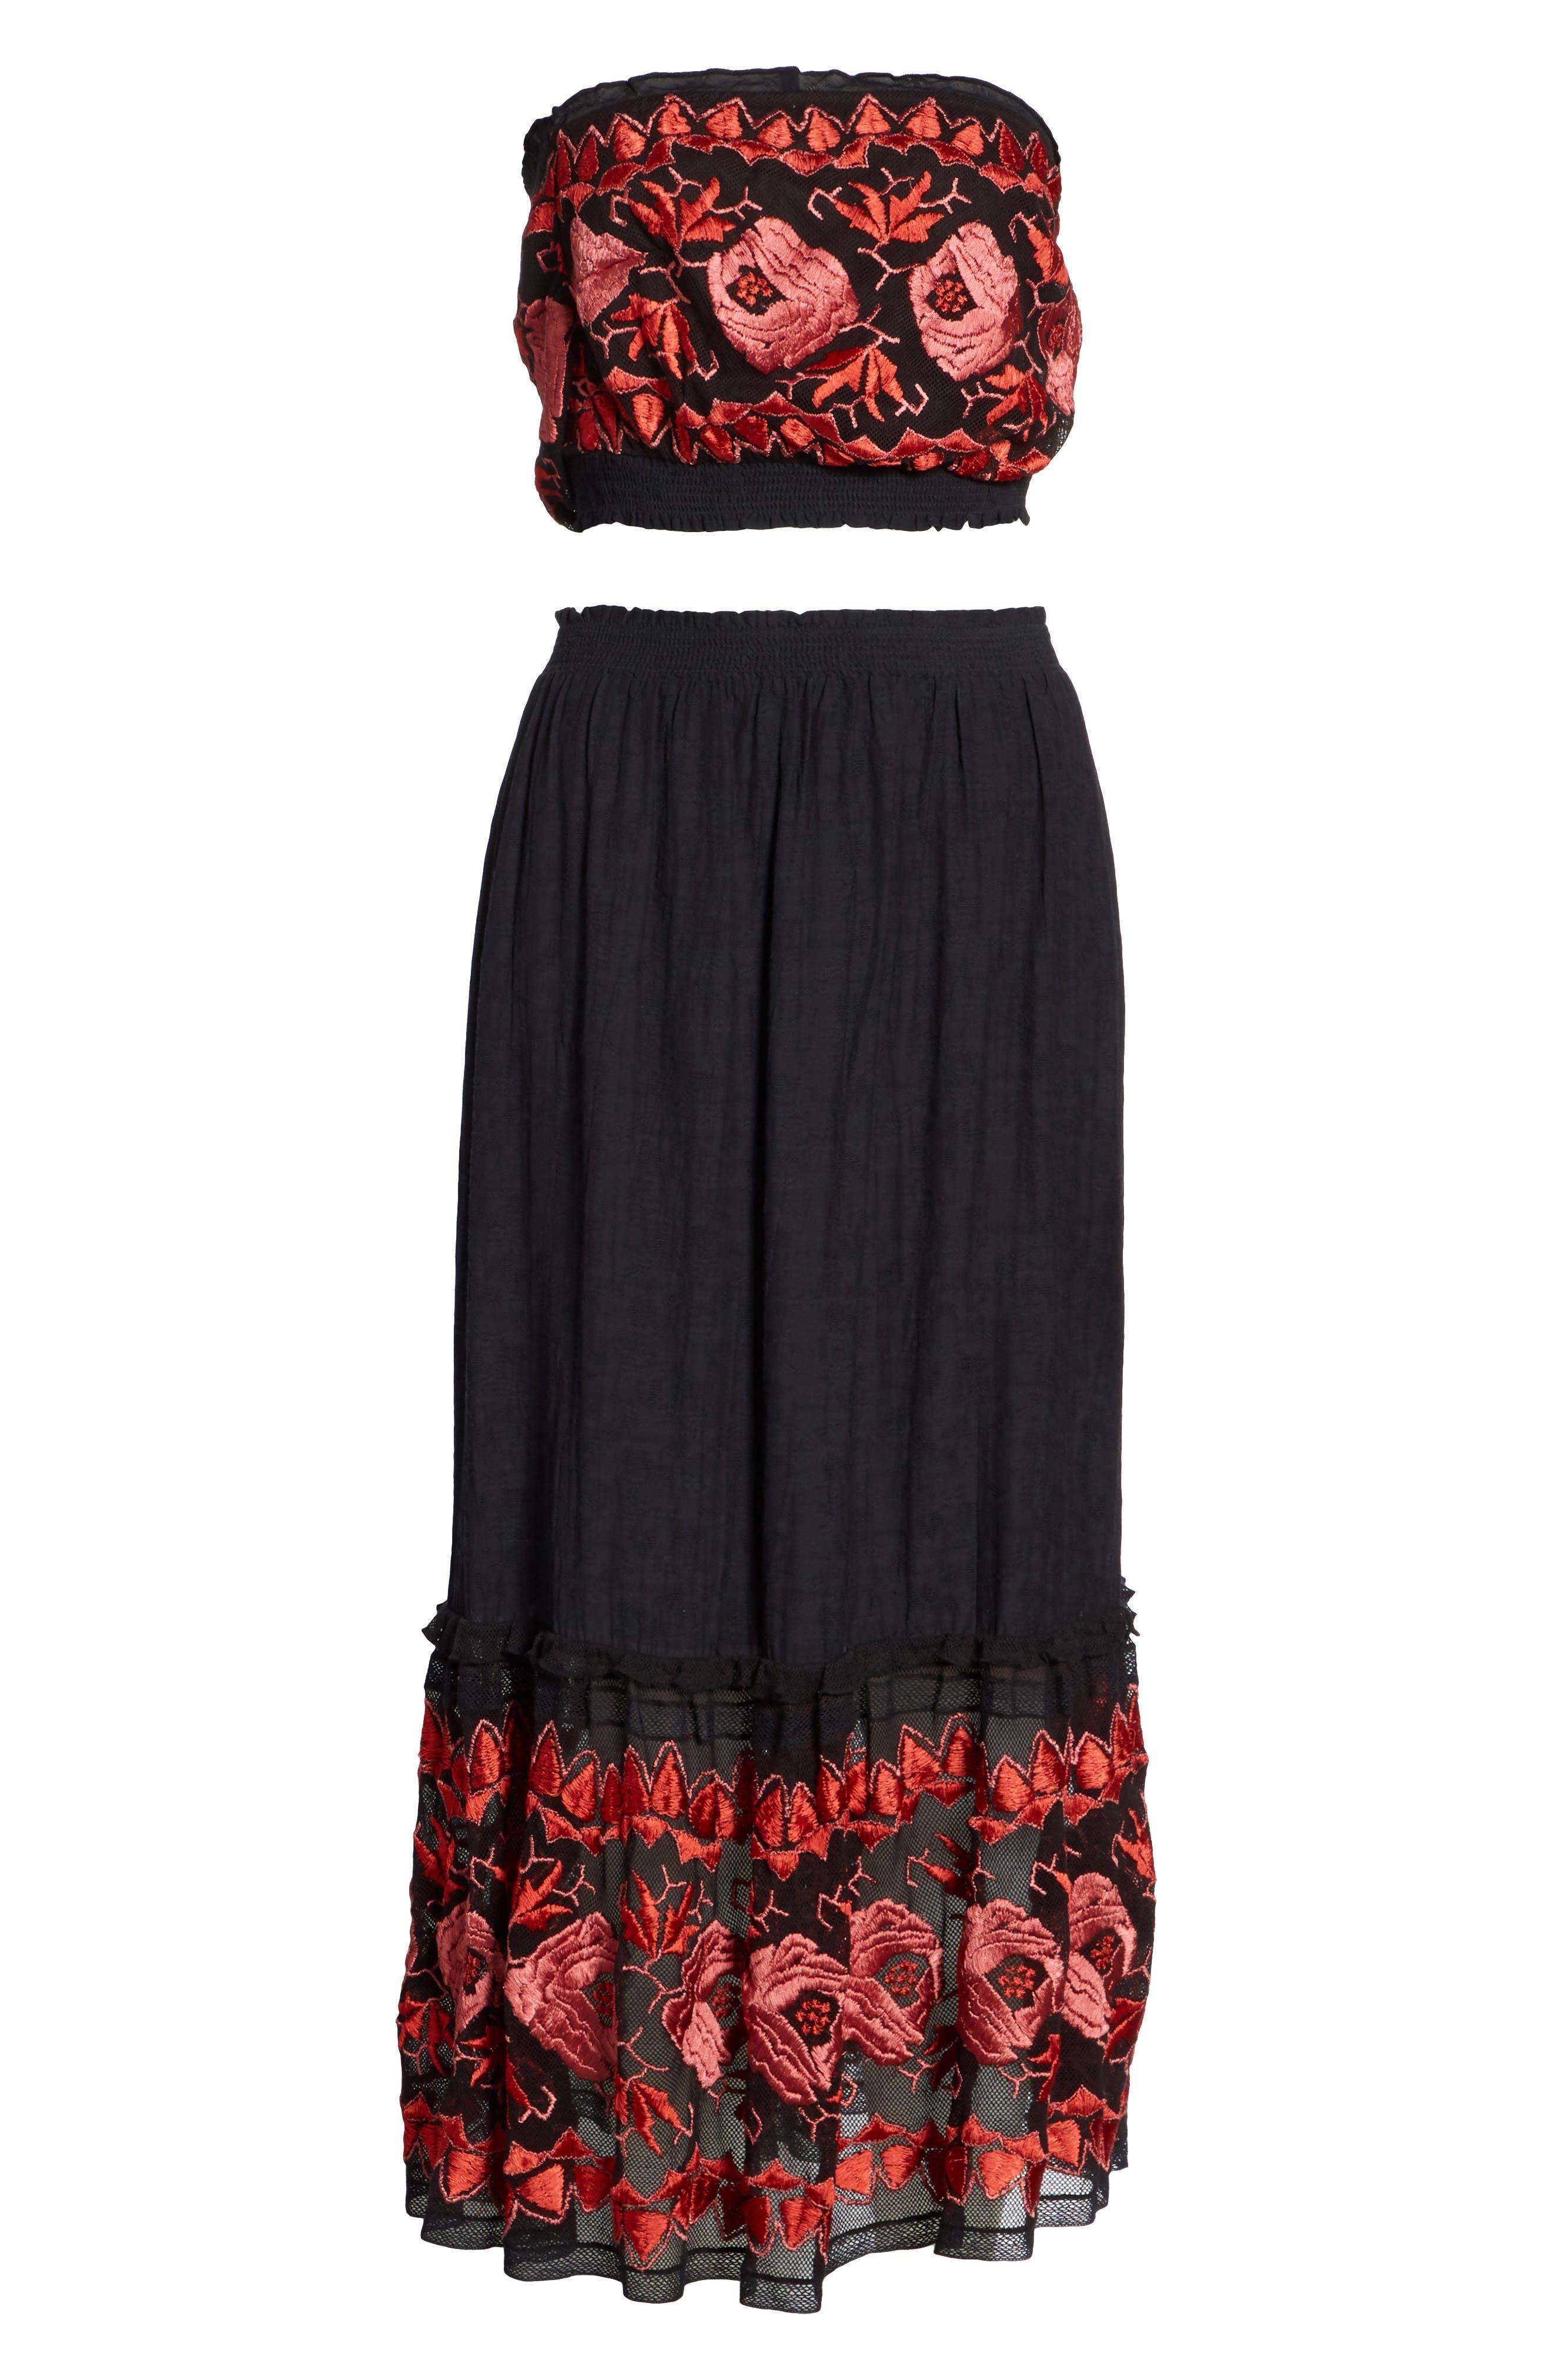 Rosebud Top & Skirt,                             Alternate thumbnail 6, color,                             Black Combo